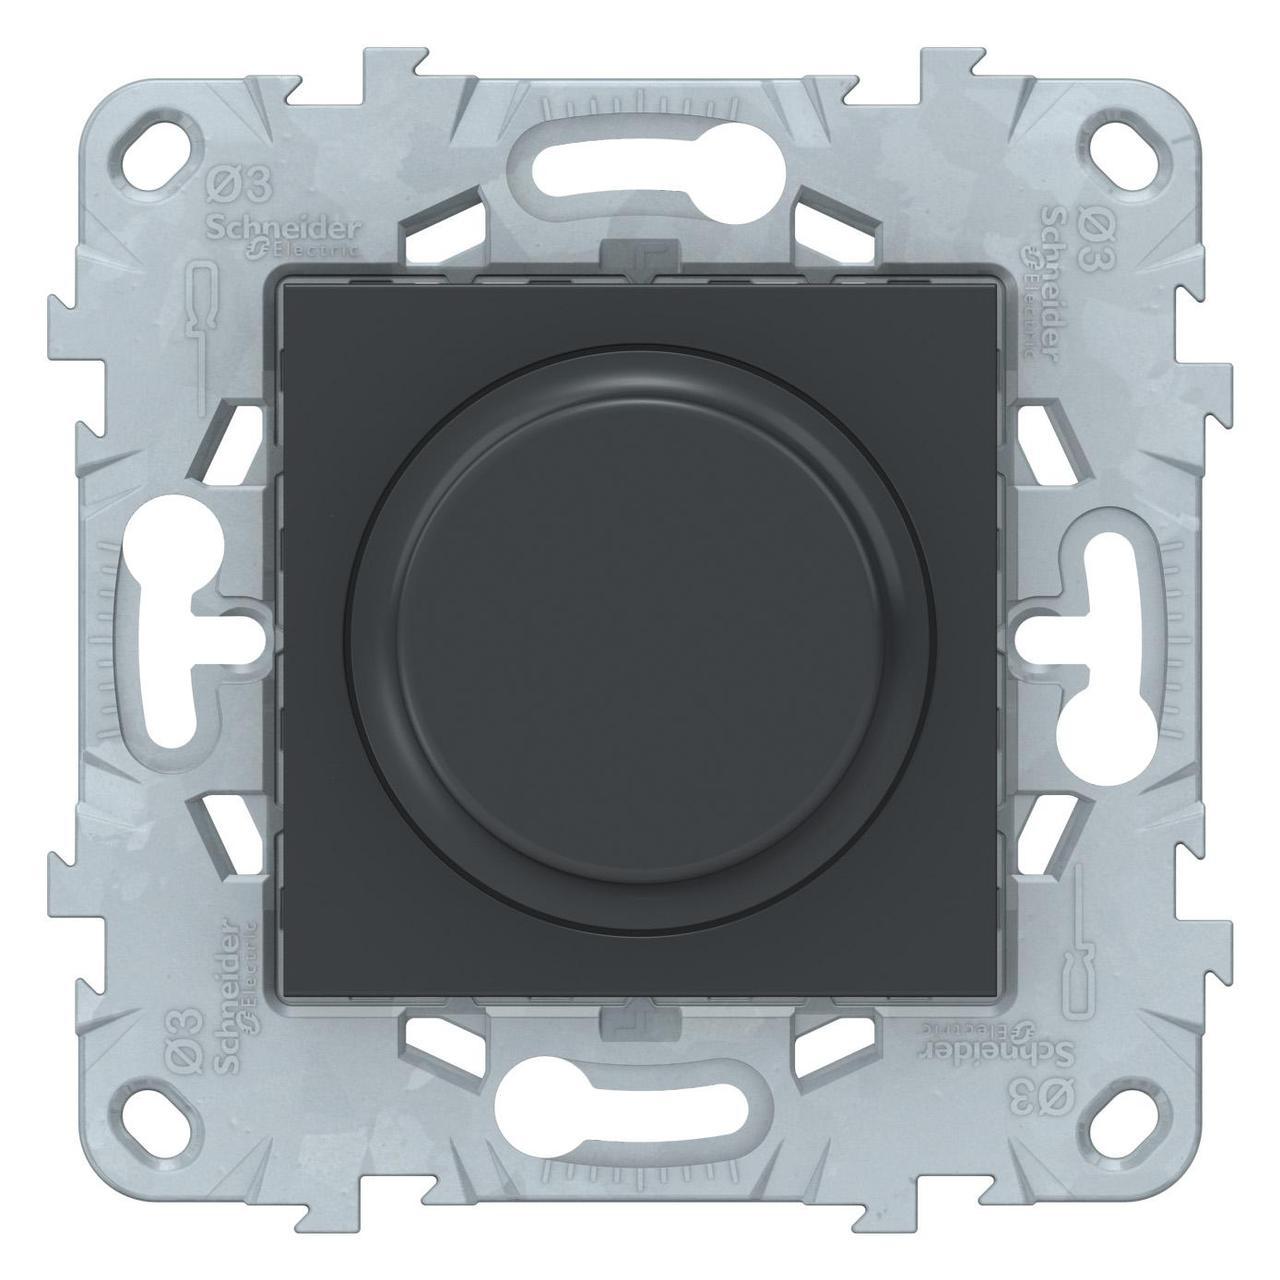 Диммер поворотно-нажимной , 400Вт для л/н и эл.трансф. , Антрацит, серия Unica New, Schneider Electric